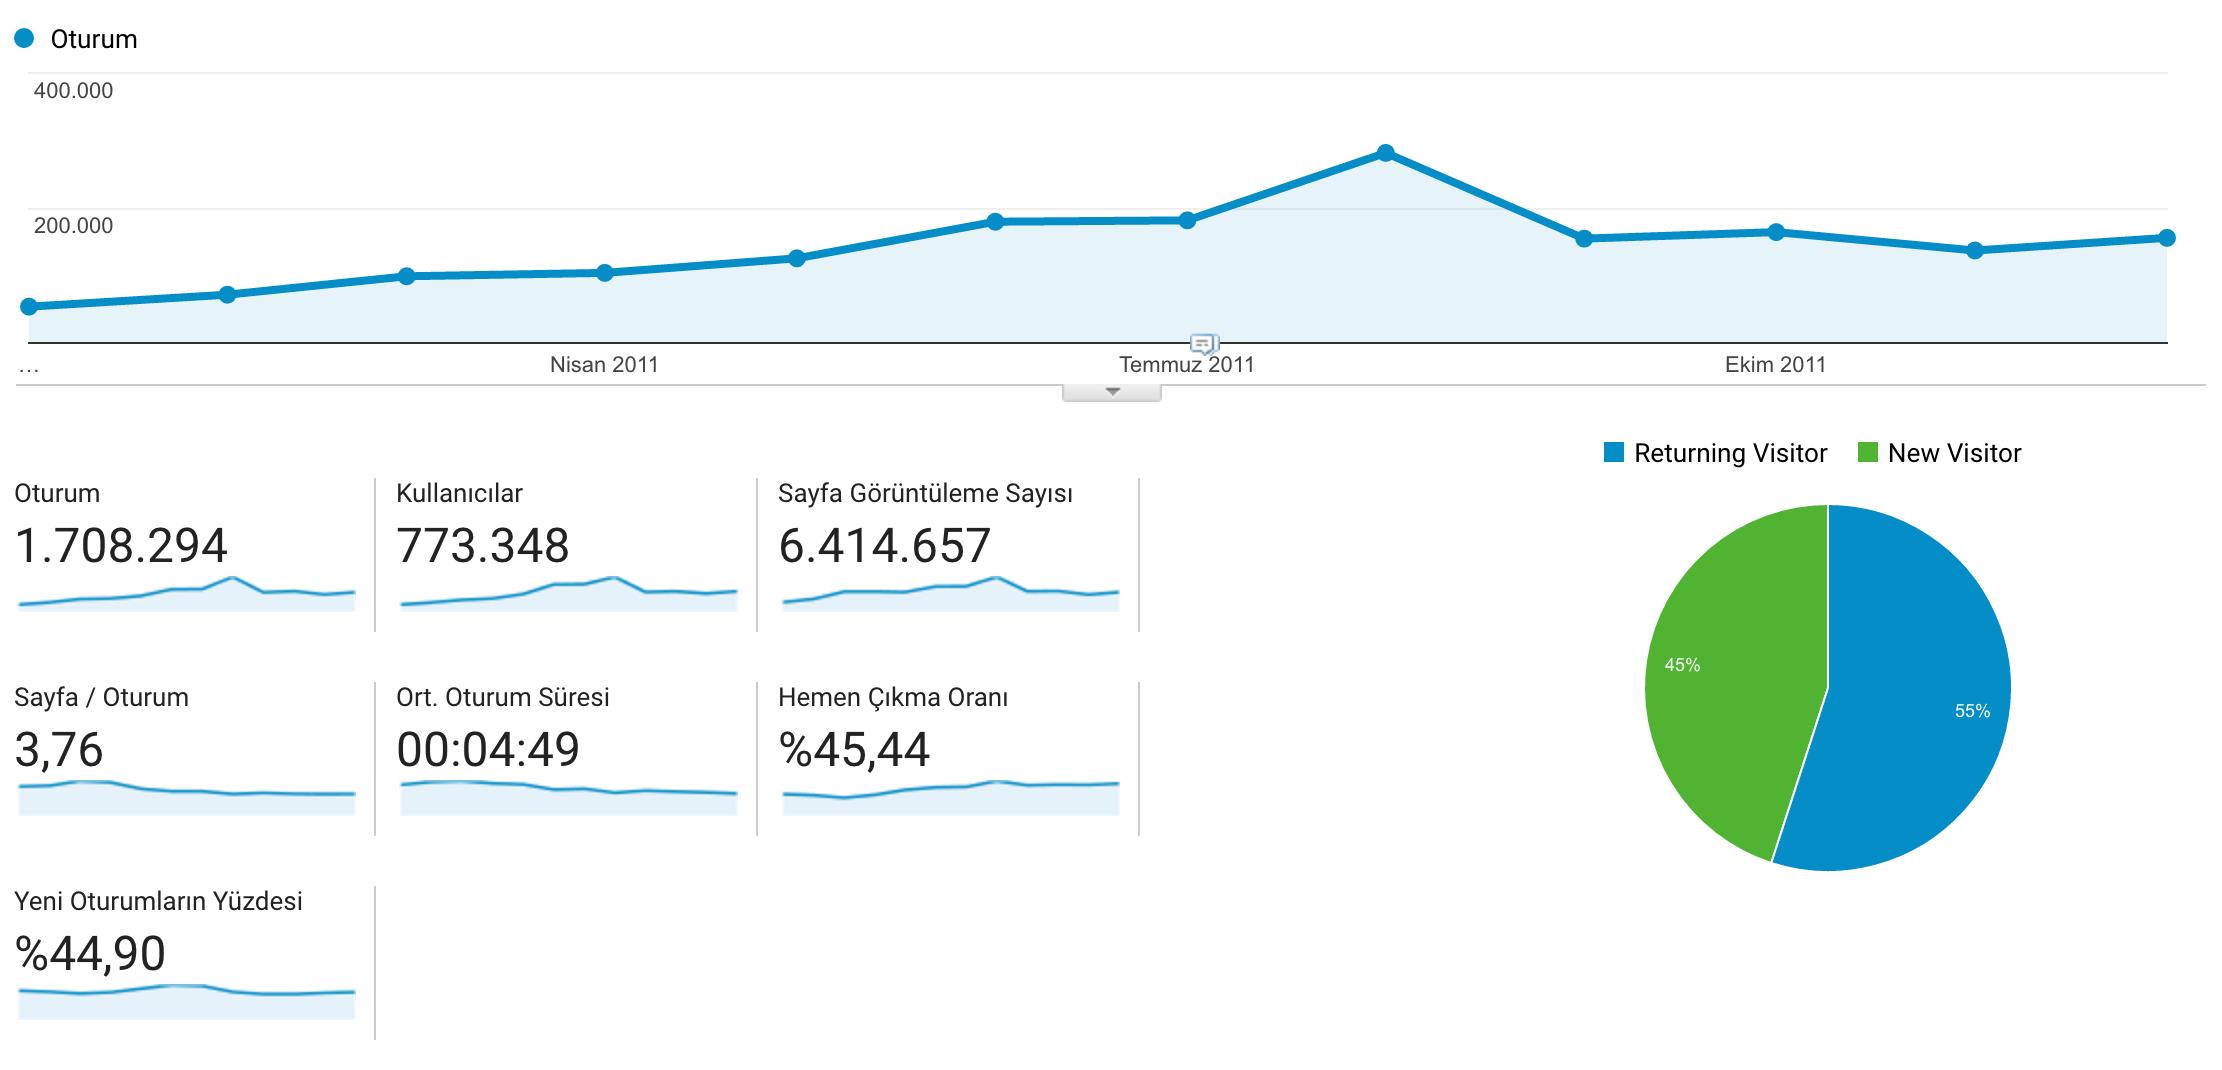 Fırsaton 2011 Verileri